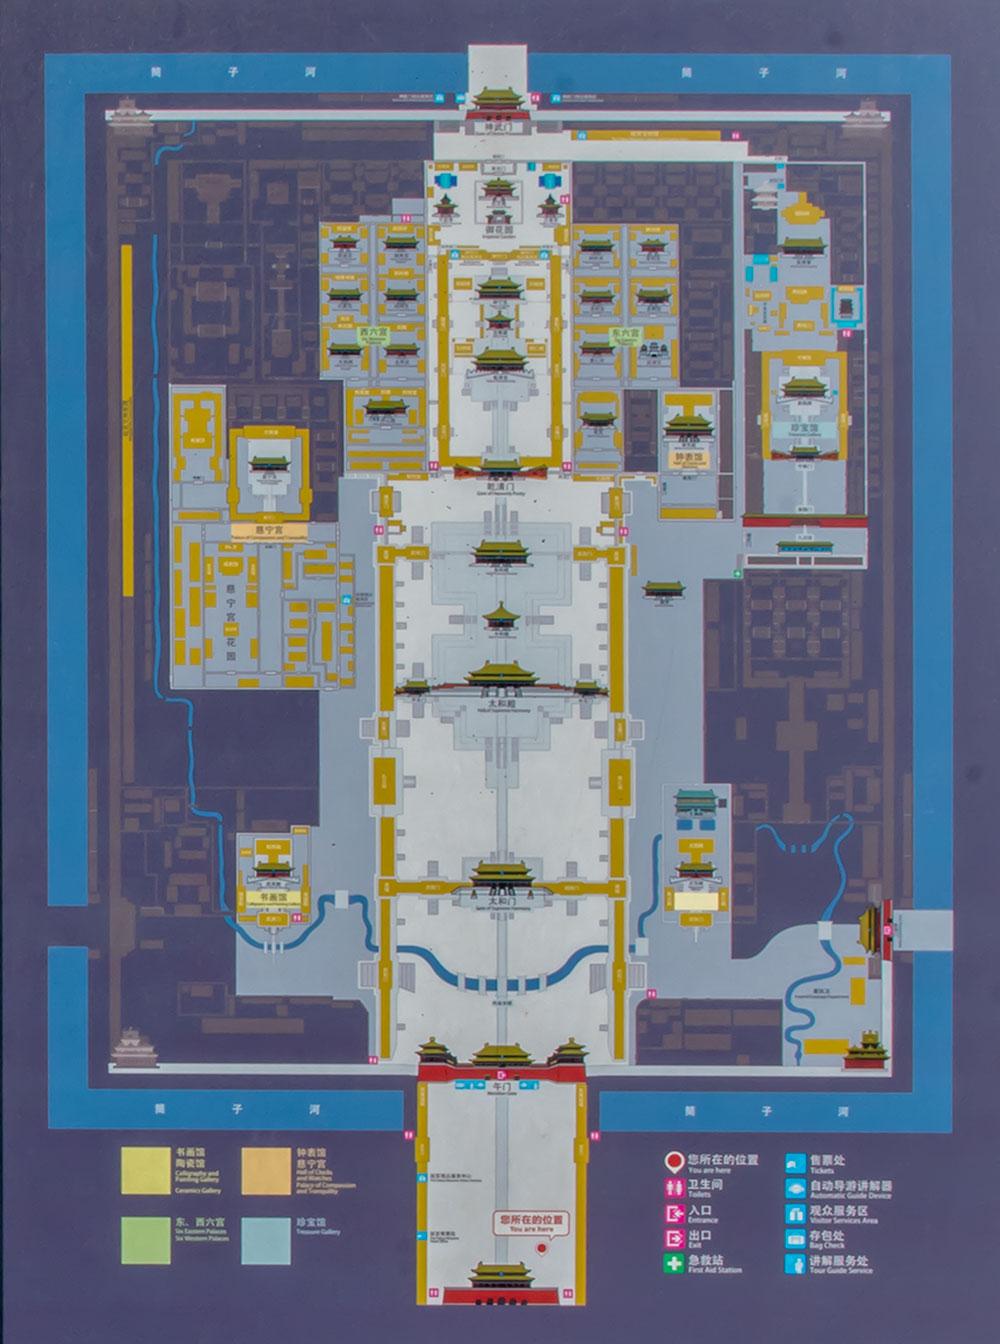 Красочный и довольно старого происхождения план, показывающий Запретный город со всеми строениями, помогает ориентироваться на обширной территории.